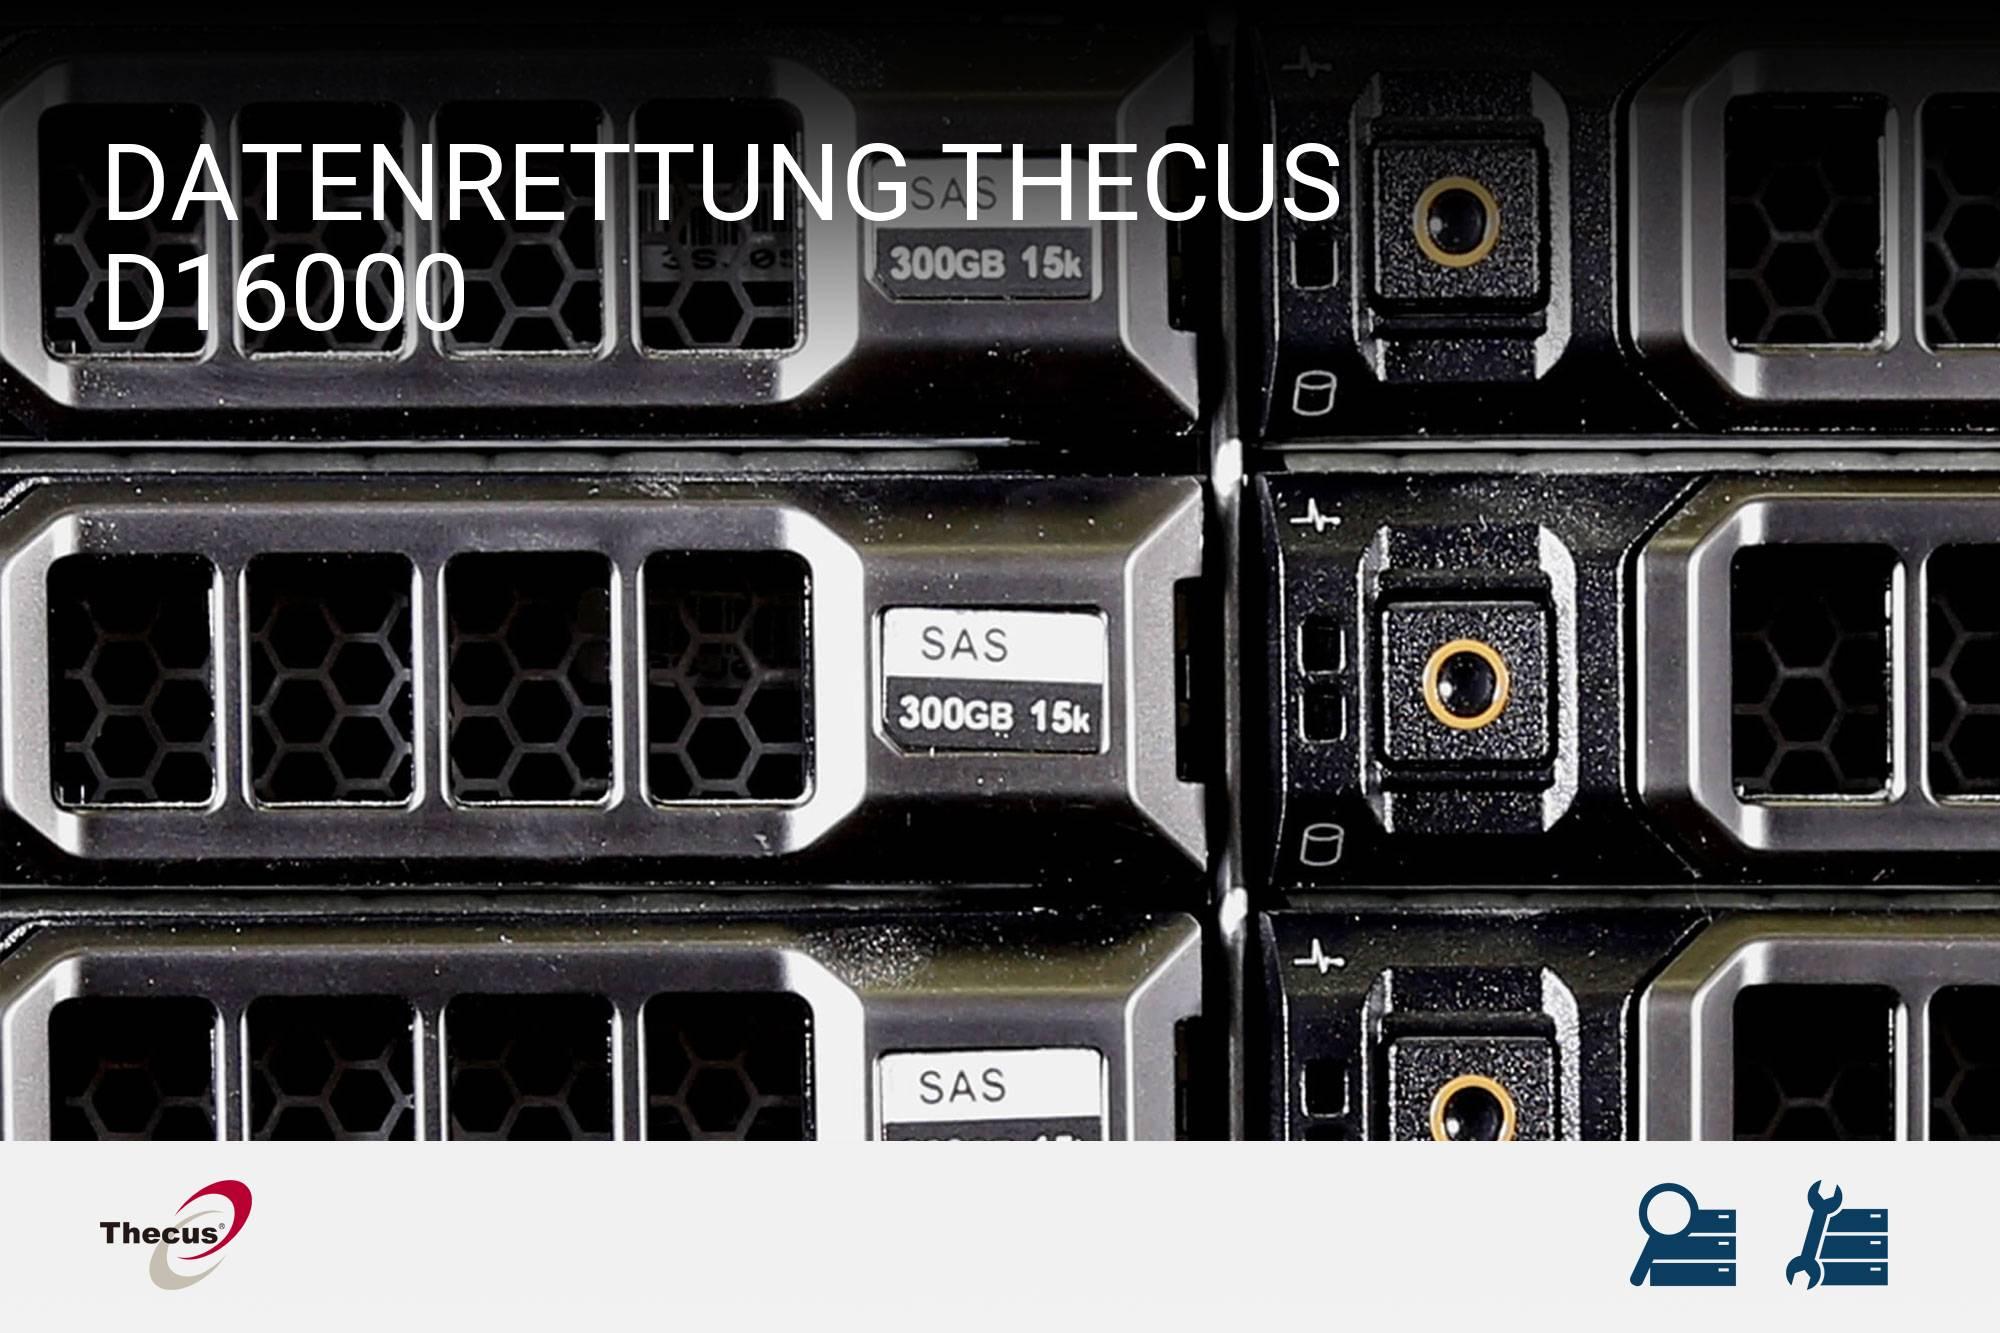 Thecus D16000